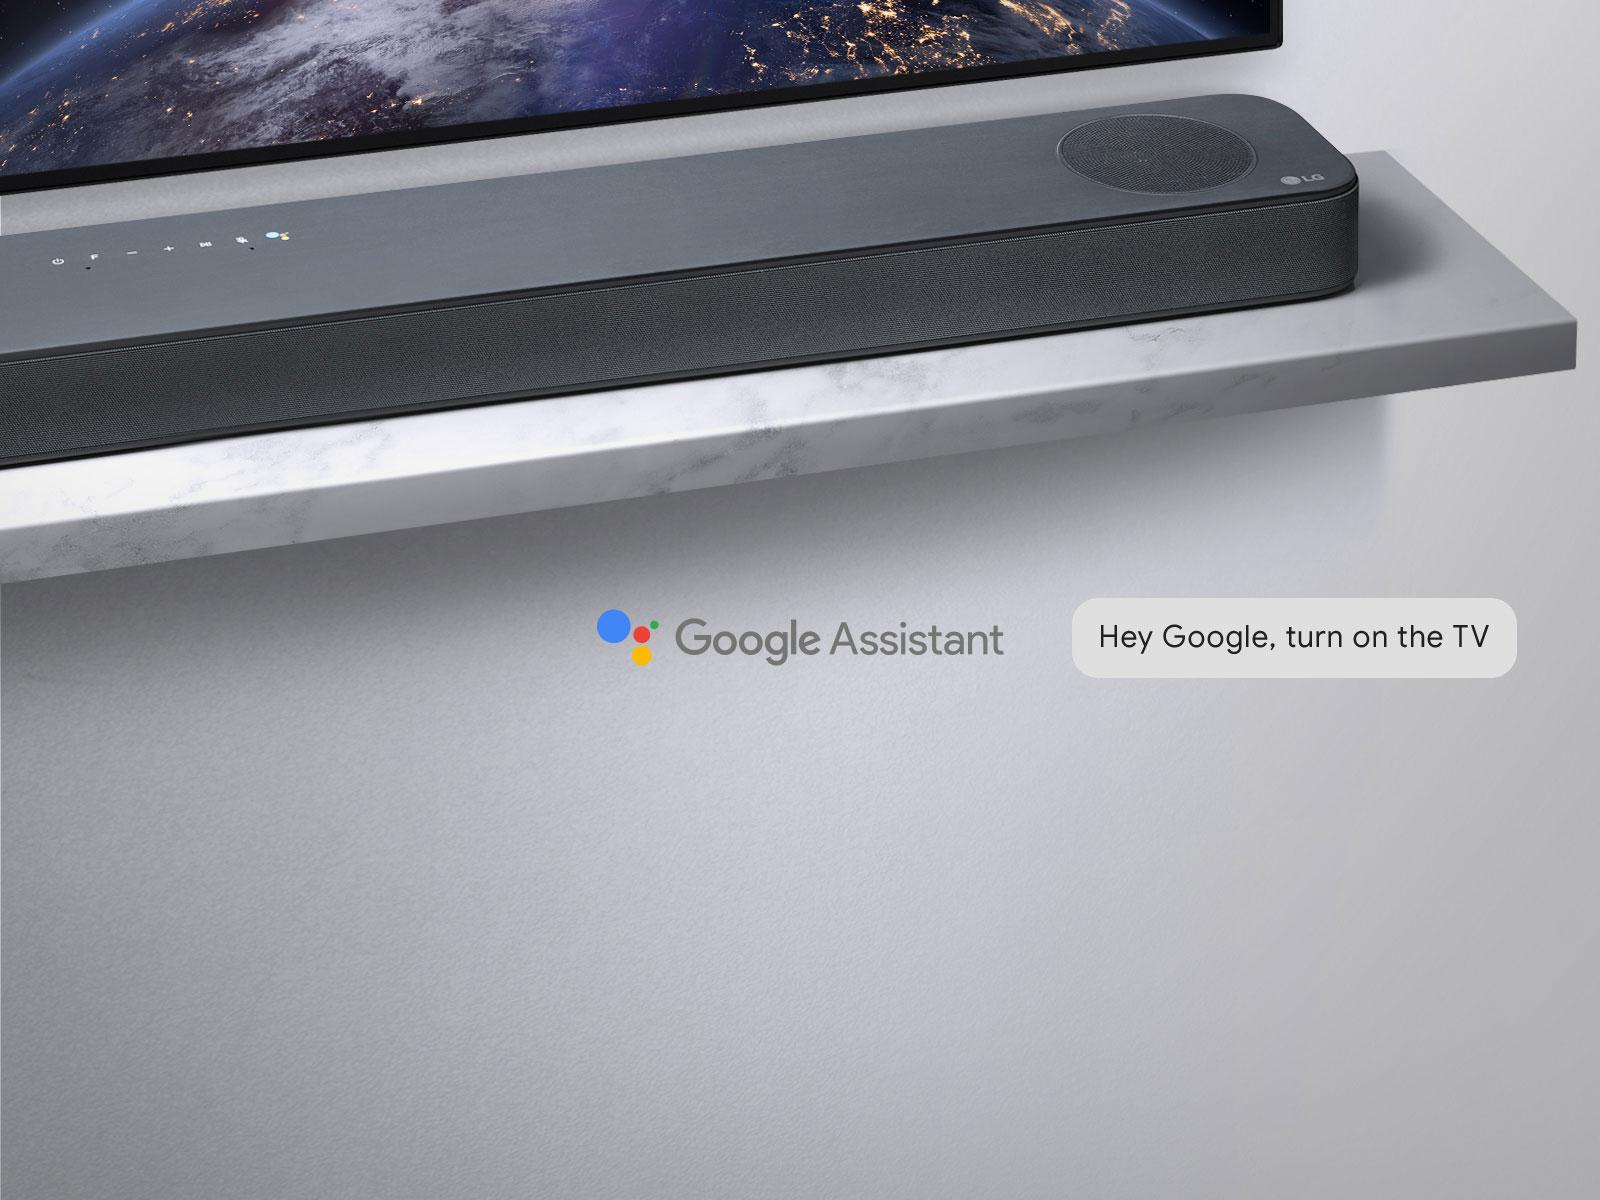 SL8YG_Google_Assistant_Desktop1_19032019